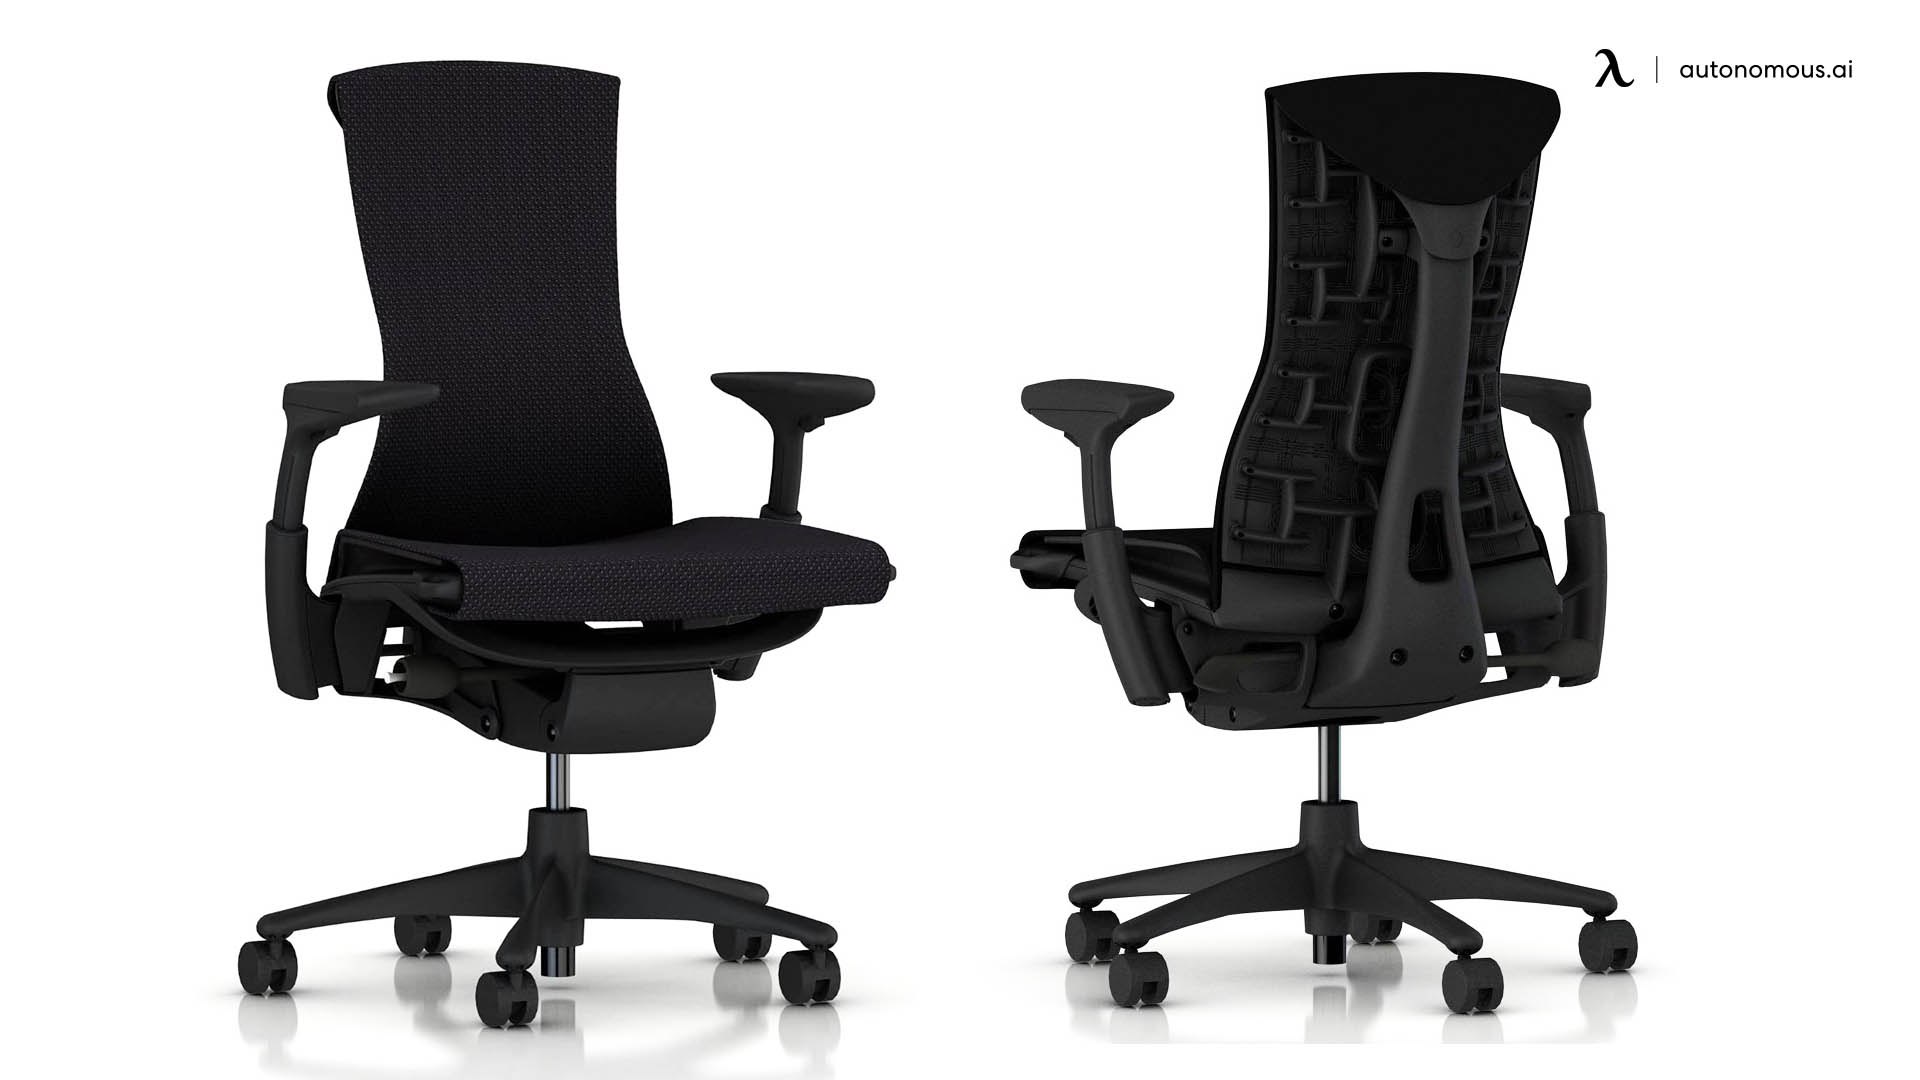 Herman Miller Ergonomic Chair for Back Pain